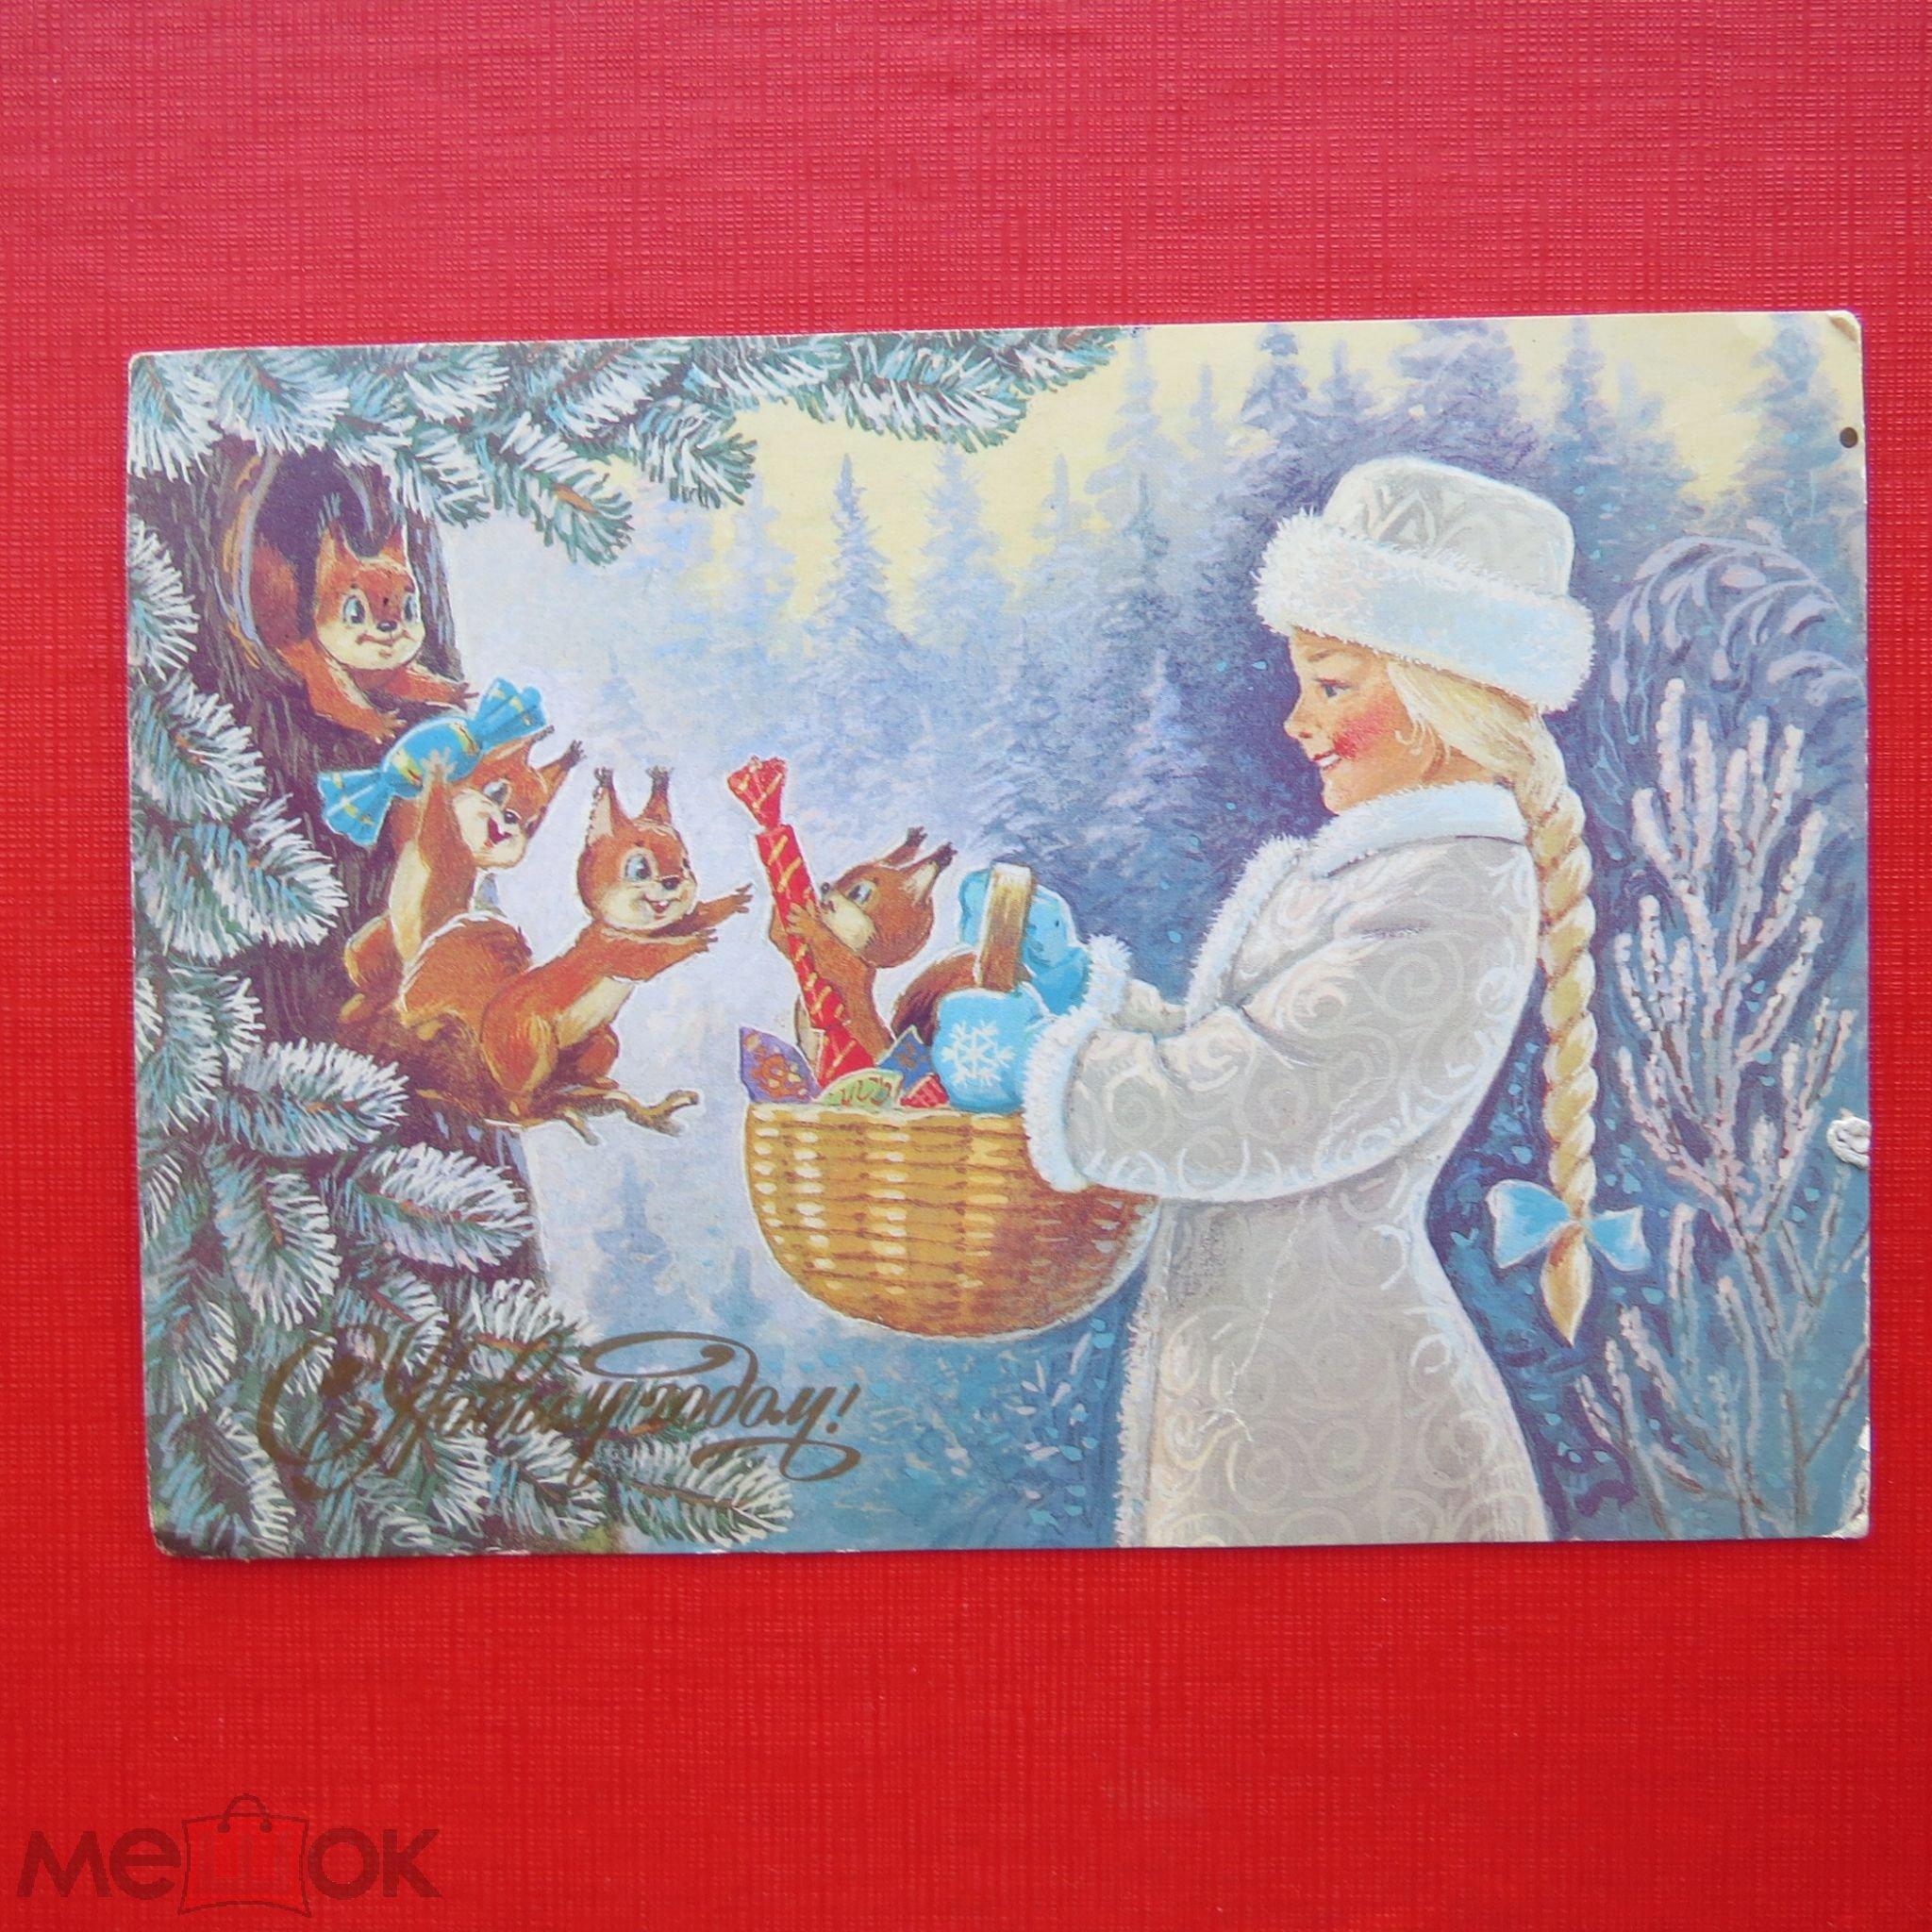 Смешные картинках, новогодняя открытка снегурочка с белками